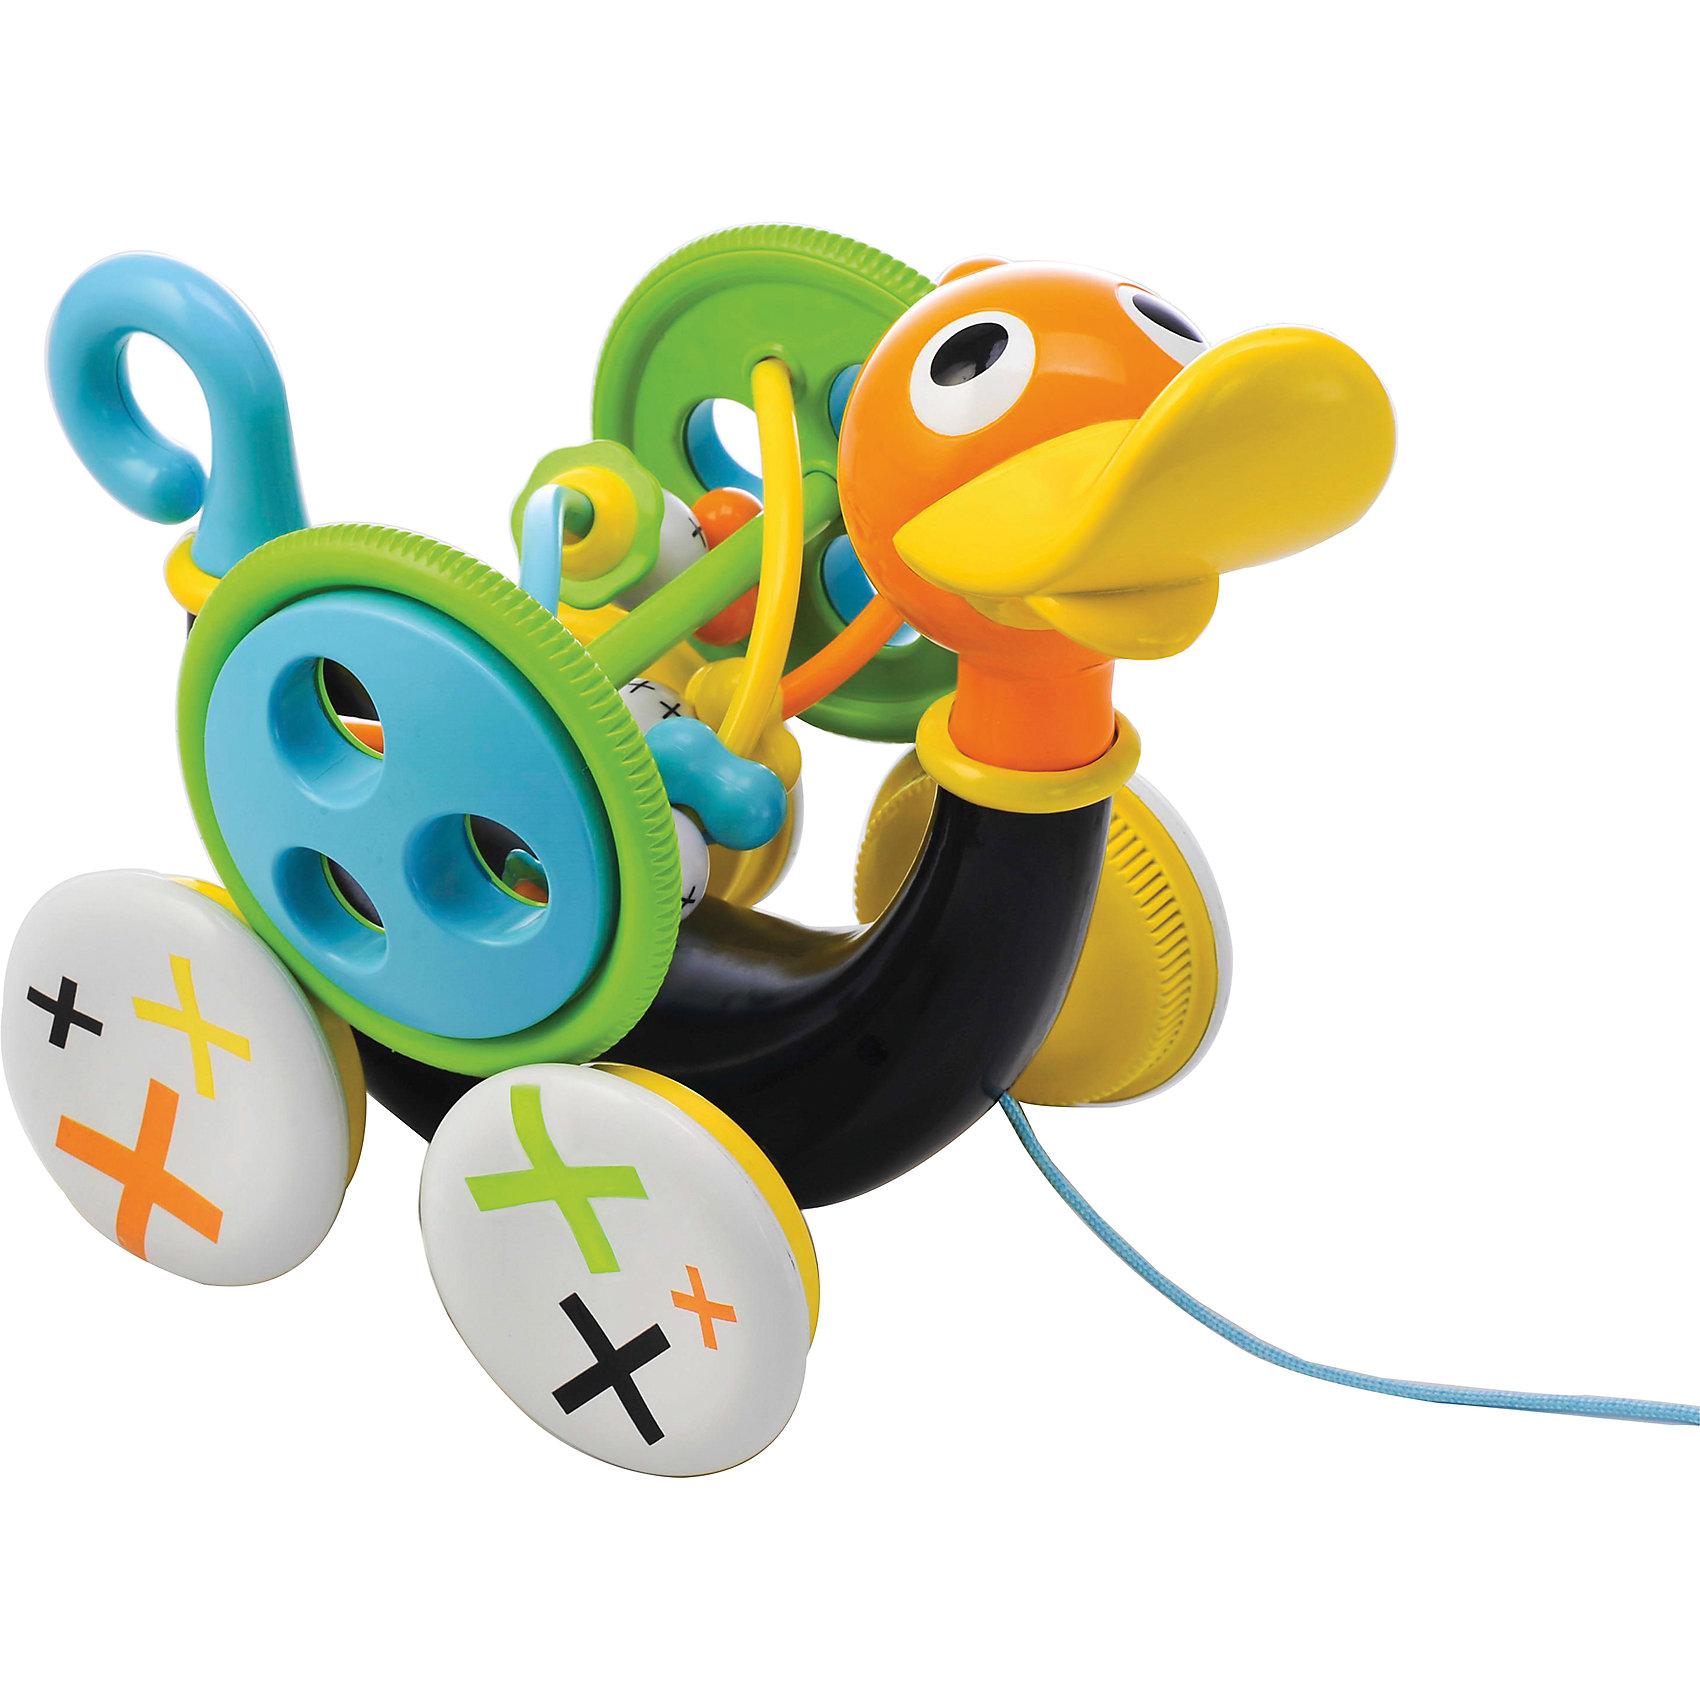 Музыкальная уточка,  YookidooC этой прекрасной игрушкой совершать свои первые шаги будет еще интереснее! Малыш тянет за веревочку  и игрушка едет вперед, при этом свистит и  издает забавные звуки. Звуки включаются только тогда, когда игрушка едет. Для того, чтобы насладиться игрой, малыш должен учиться шагать вперед, при этом тянуть уточку за собой. Если ребенку надоест музыкальное сопровождение, то его можно отключить, повернув хвостик Уточки. Кроме этого, дополнительно в набор входит большая игрушка-погремушка, которая крепится к телу Уточки. Ее можно снимать и  использовать отдельно. На Уточке располагаются маленькие игрушечки- бегунки, которые малыш может перетаскивать пальчиком из стороны в сторону. Все детали изделия выполнены из высококачественных гипоаллергенных материалов, безопасных для детей. Музыкальная уточка учит малыша ходить, развивает мелкую моторику рук, логику, слуховое восприятие.<br><br>Дополнительная информация:<br><br>- Комплектация: уточка, игрушка-погремушка.<br>- Материал: пластик.<br>- Цвет: черный, зеленый, голубой, оранжевый, желтый.<br>- Размер упаковки: 27х17х26 см<br>- Звуковые эффекты: есть.<br>- Элемент питания: 3 батарейки АА (входят в комплект).<br><br>Музыкальную уточку,  Yookidoo можно купить в нашем магазине.<br><br>Ширина мм: 273<br>Глубина мм: 177<br>Высота мм: 243<br>Вес г: 781<br>Возраст от месяцев: 12<br>Возраст до месяцев: 24<br>Пол: Унисекс<br>Возраст: Детский<br>SKU: 3908340